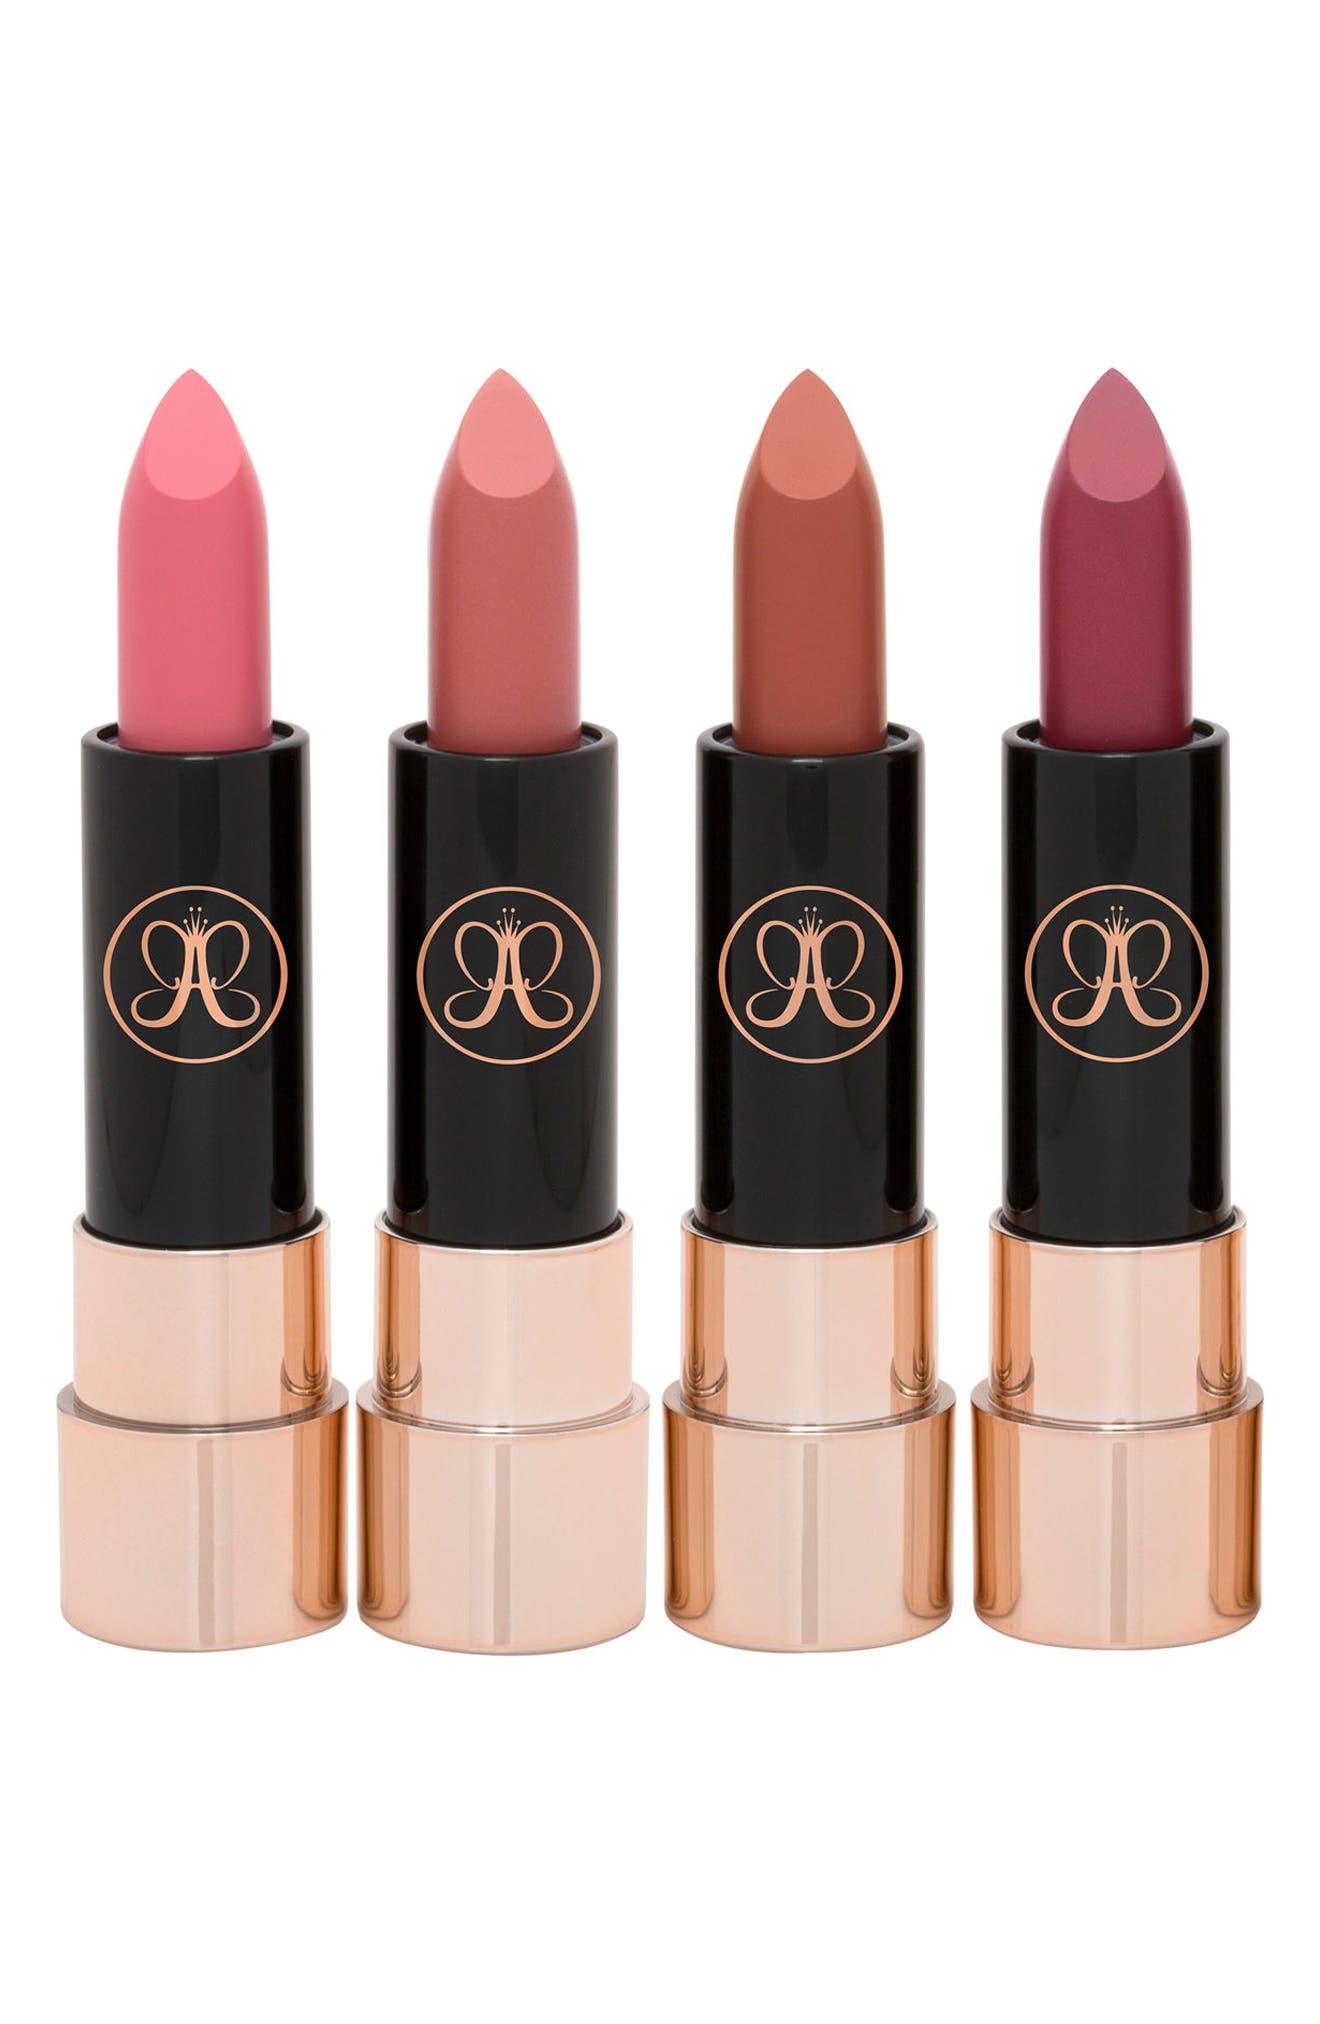 Mini Matte Lipstick Set,                             Main thumbnail 1, color,                             000